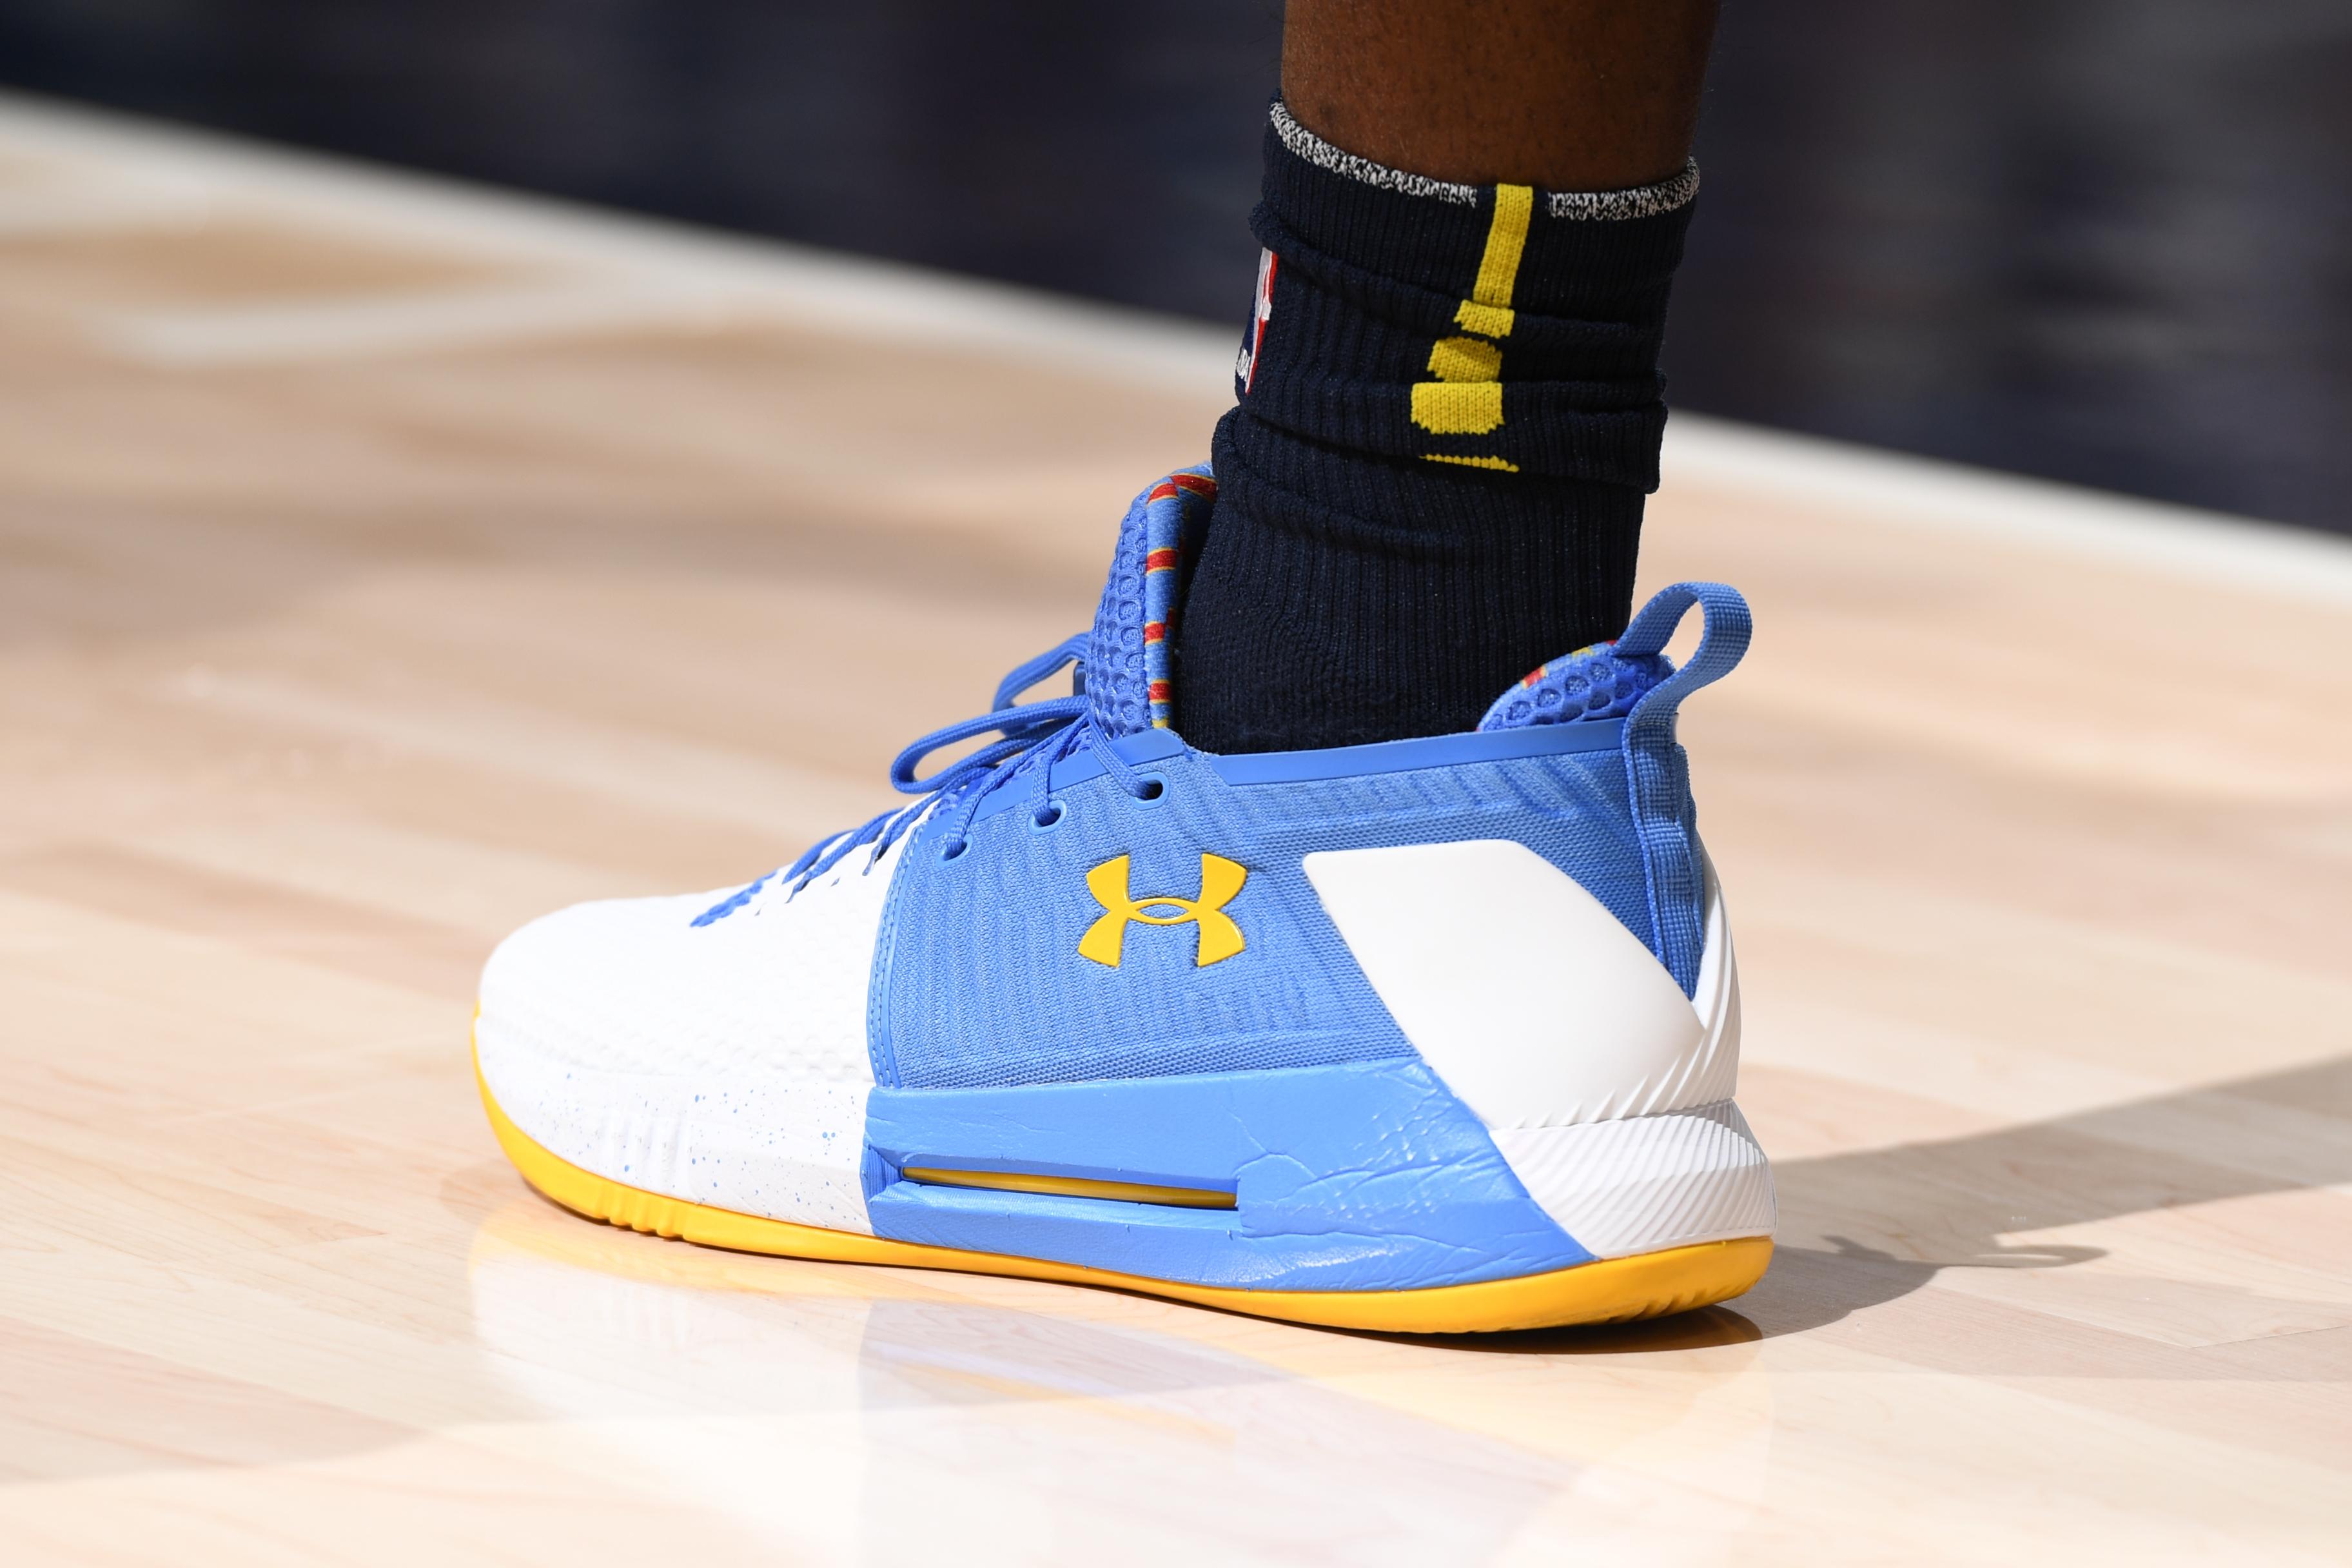 76a2877642ccb8 NBA Kicks on Court